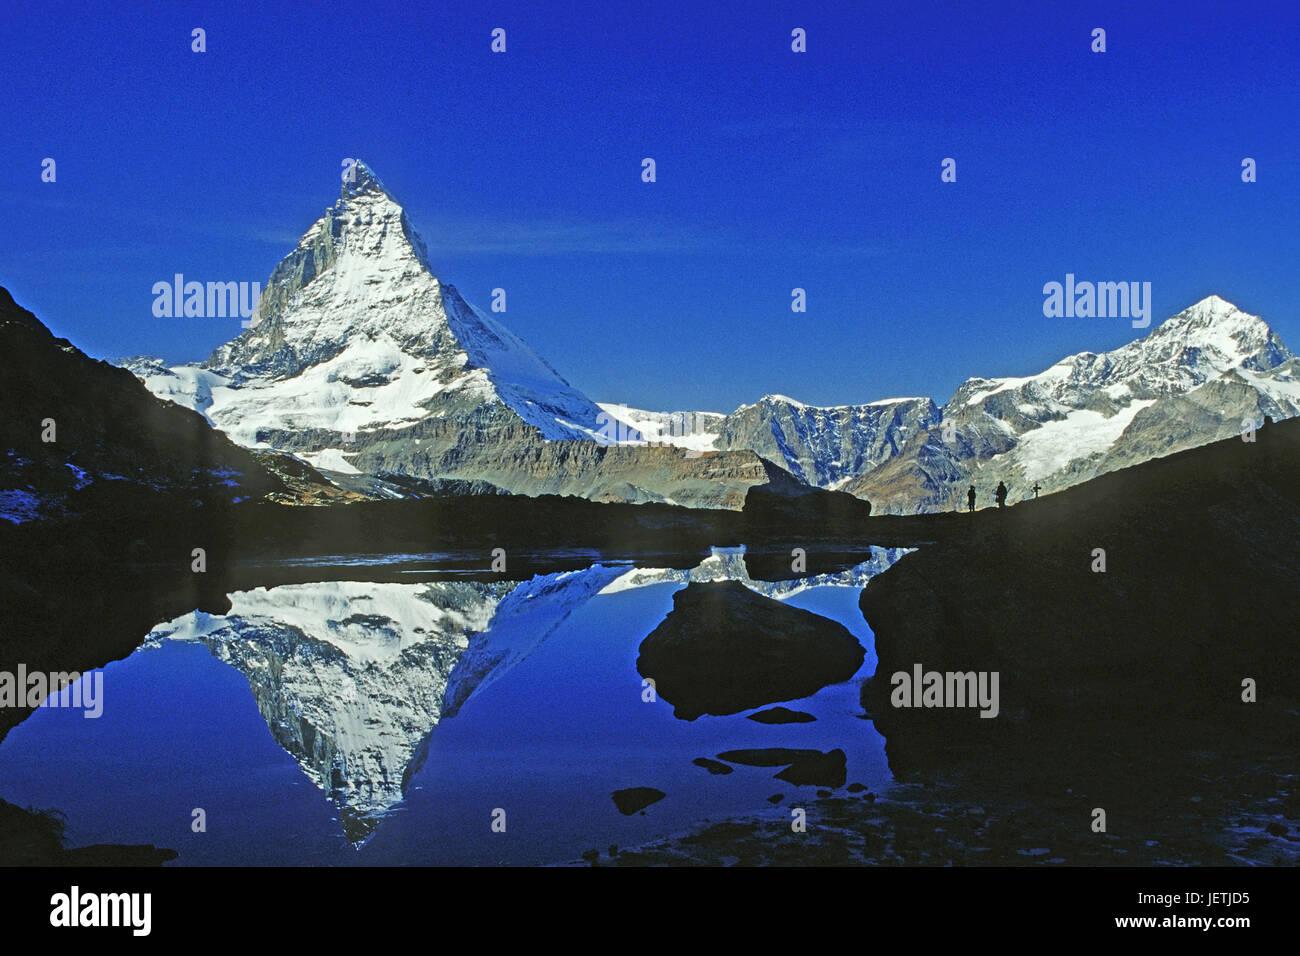 Matterhorn es reflejada en un lago de montaña, el Cervino spiegelt sich en einem Bergsee Foto de stock